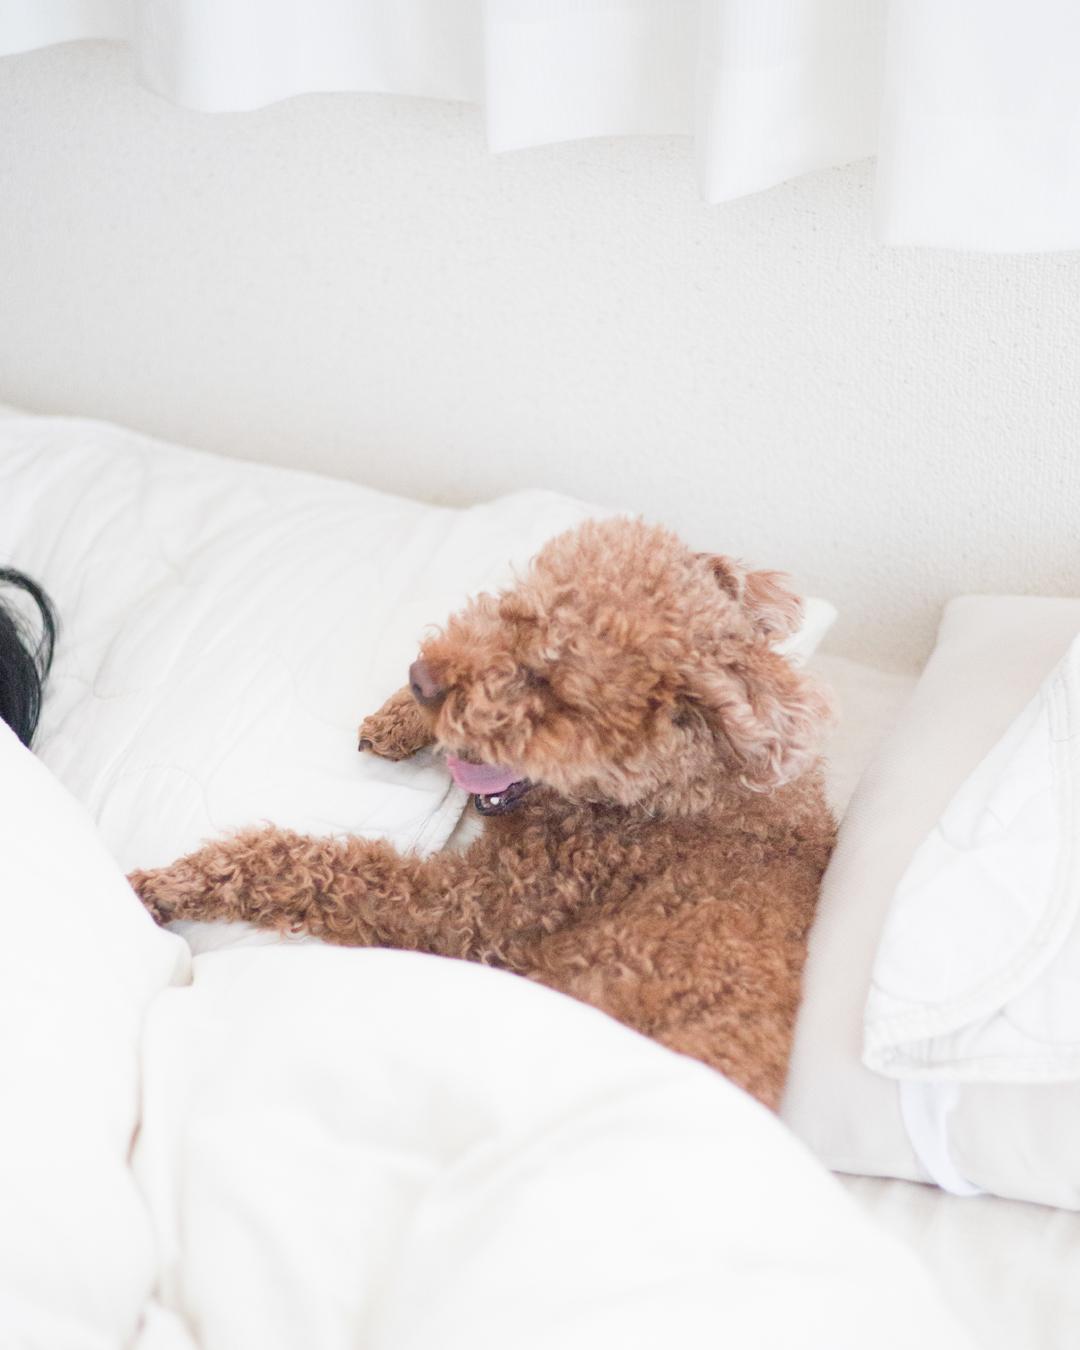 ベッドの間に潜り込んでる愛犬ちゃん